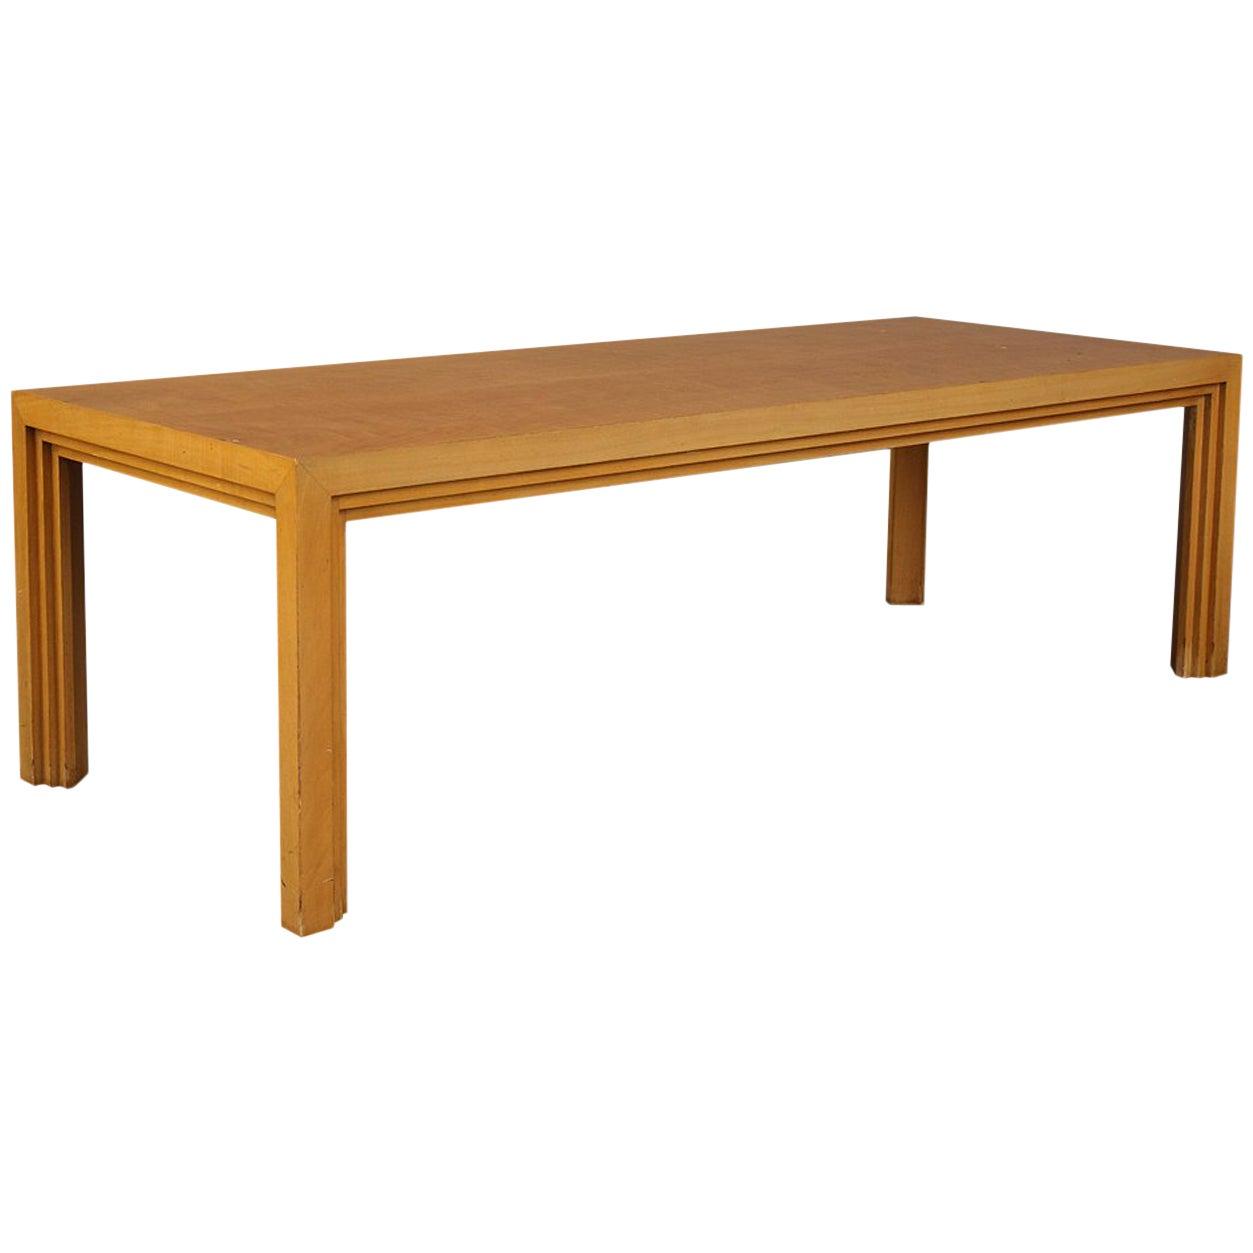 T.H. Robsjohn-Gibbings Low Table